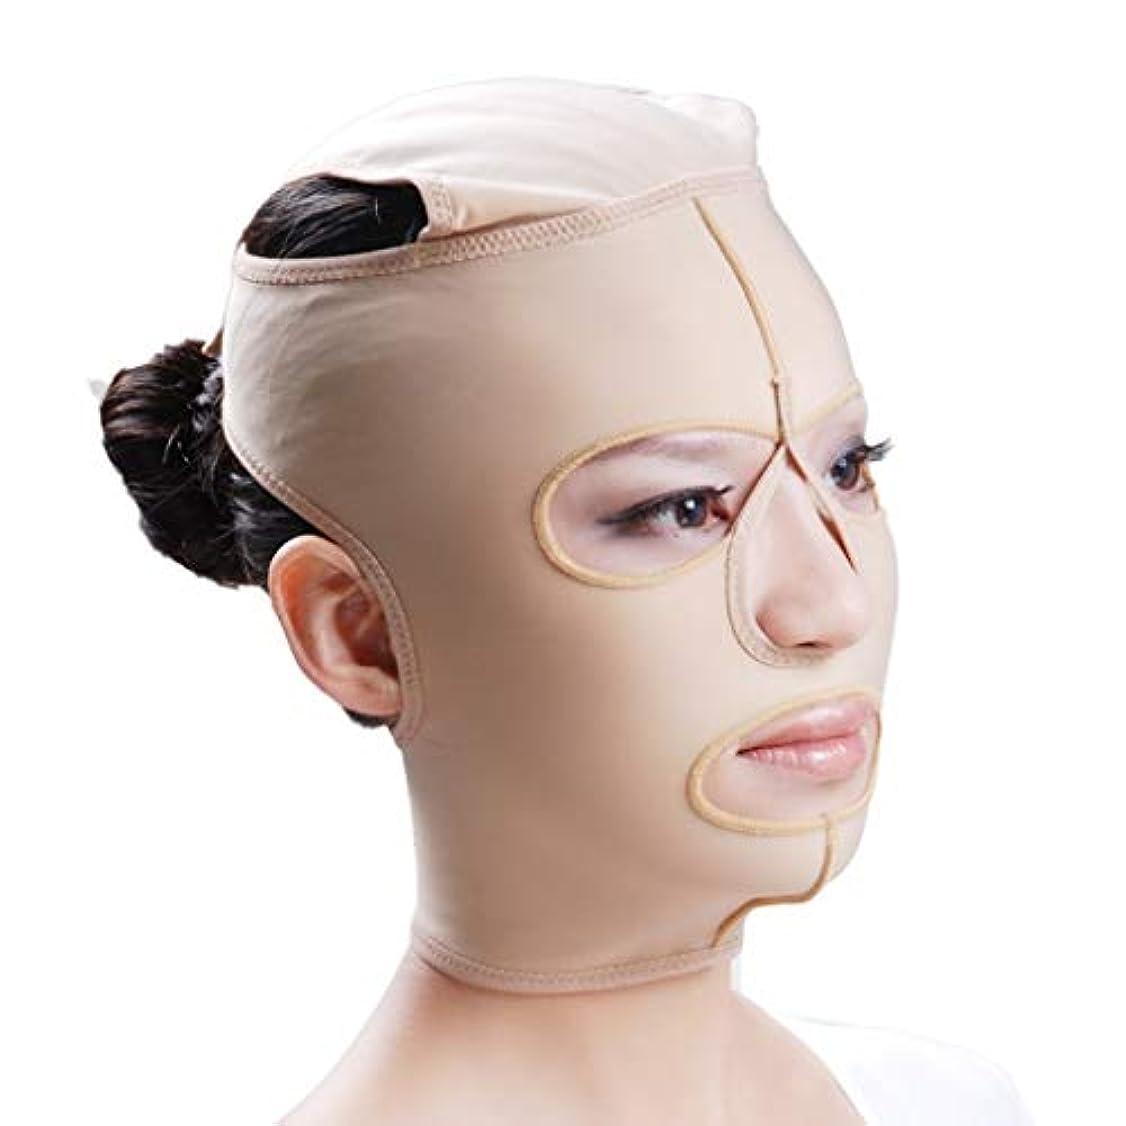 浴室優しい多様性フェイスリフトマスク、フルフェイスマスク後の顔の脂肪吸引医療グレードの圧力顔ダブルチンプラスチック脂肪吸引弾性包帯ヘッドギアマルチコードオプション (Size : S)